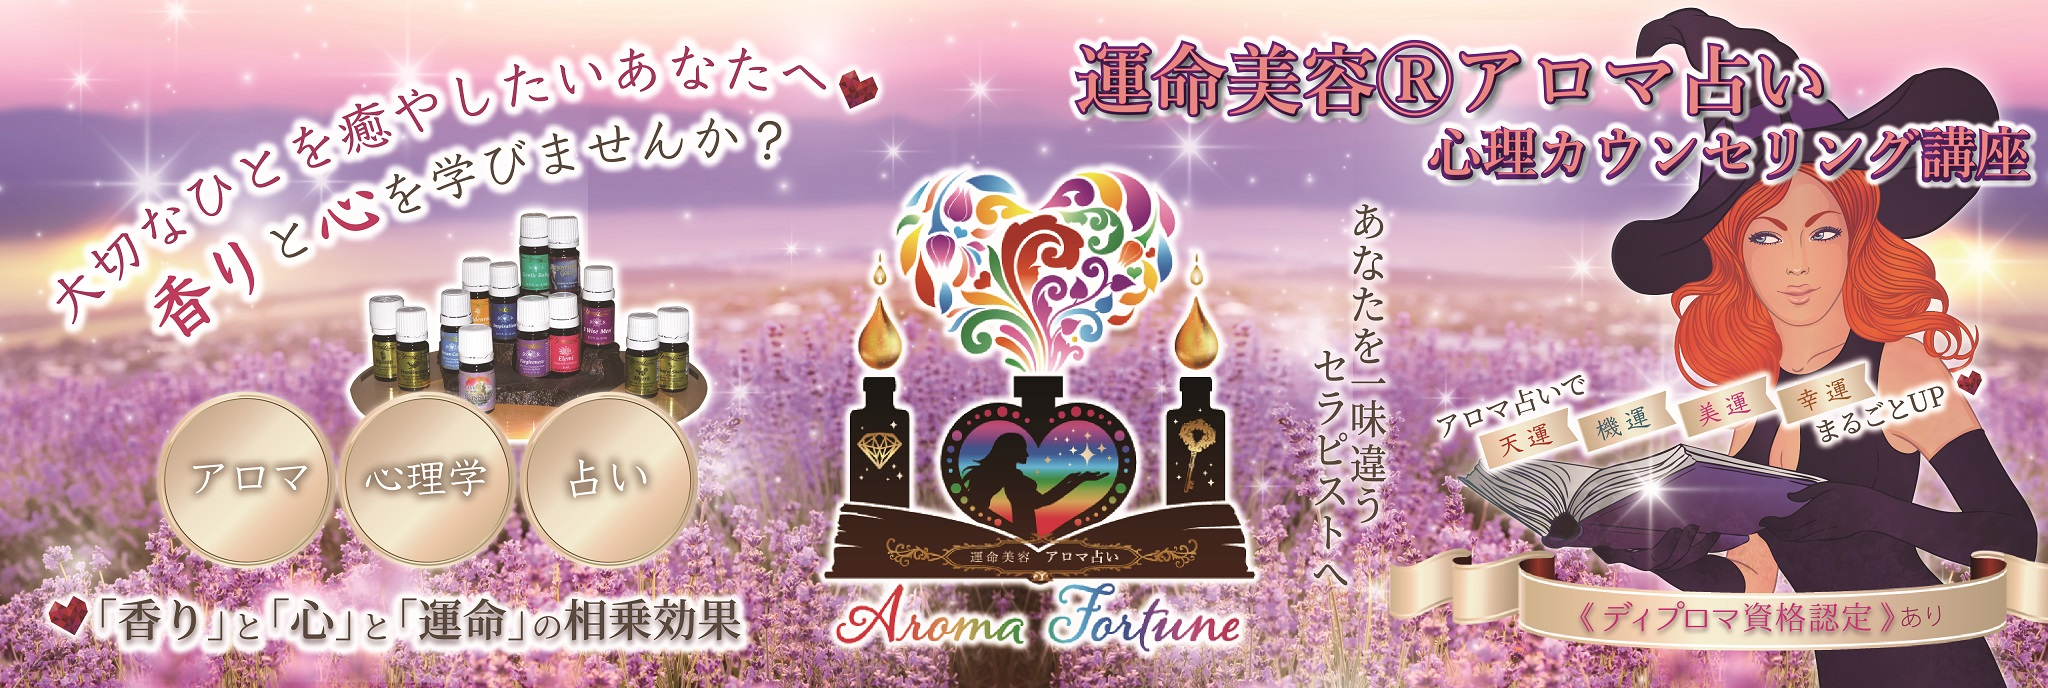 運命美容アロマ占い心理学ビギナーズ【7期】定員!7月21日いよいよスタートです!